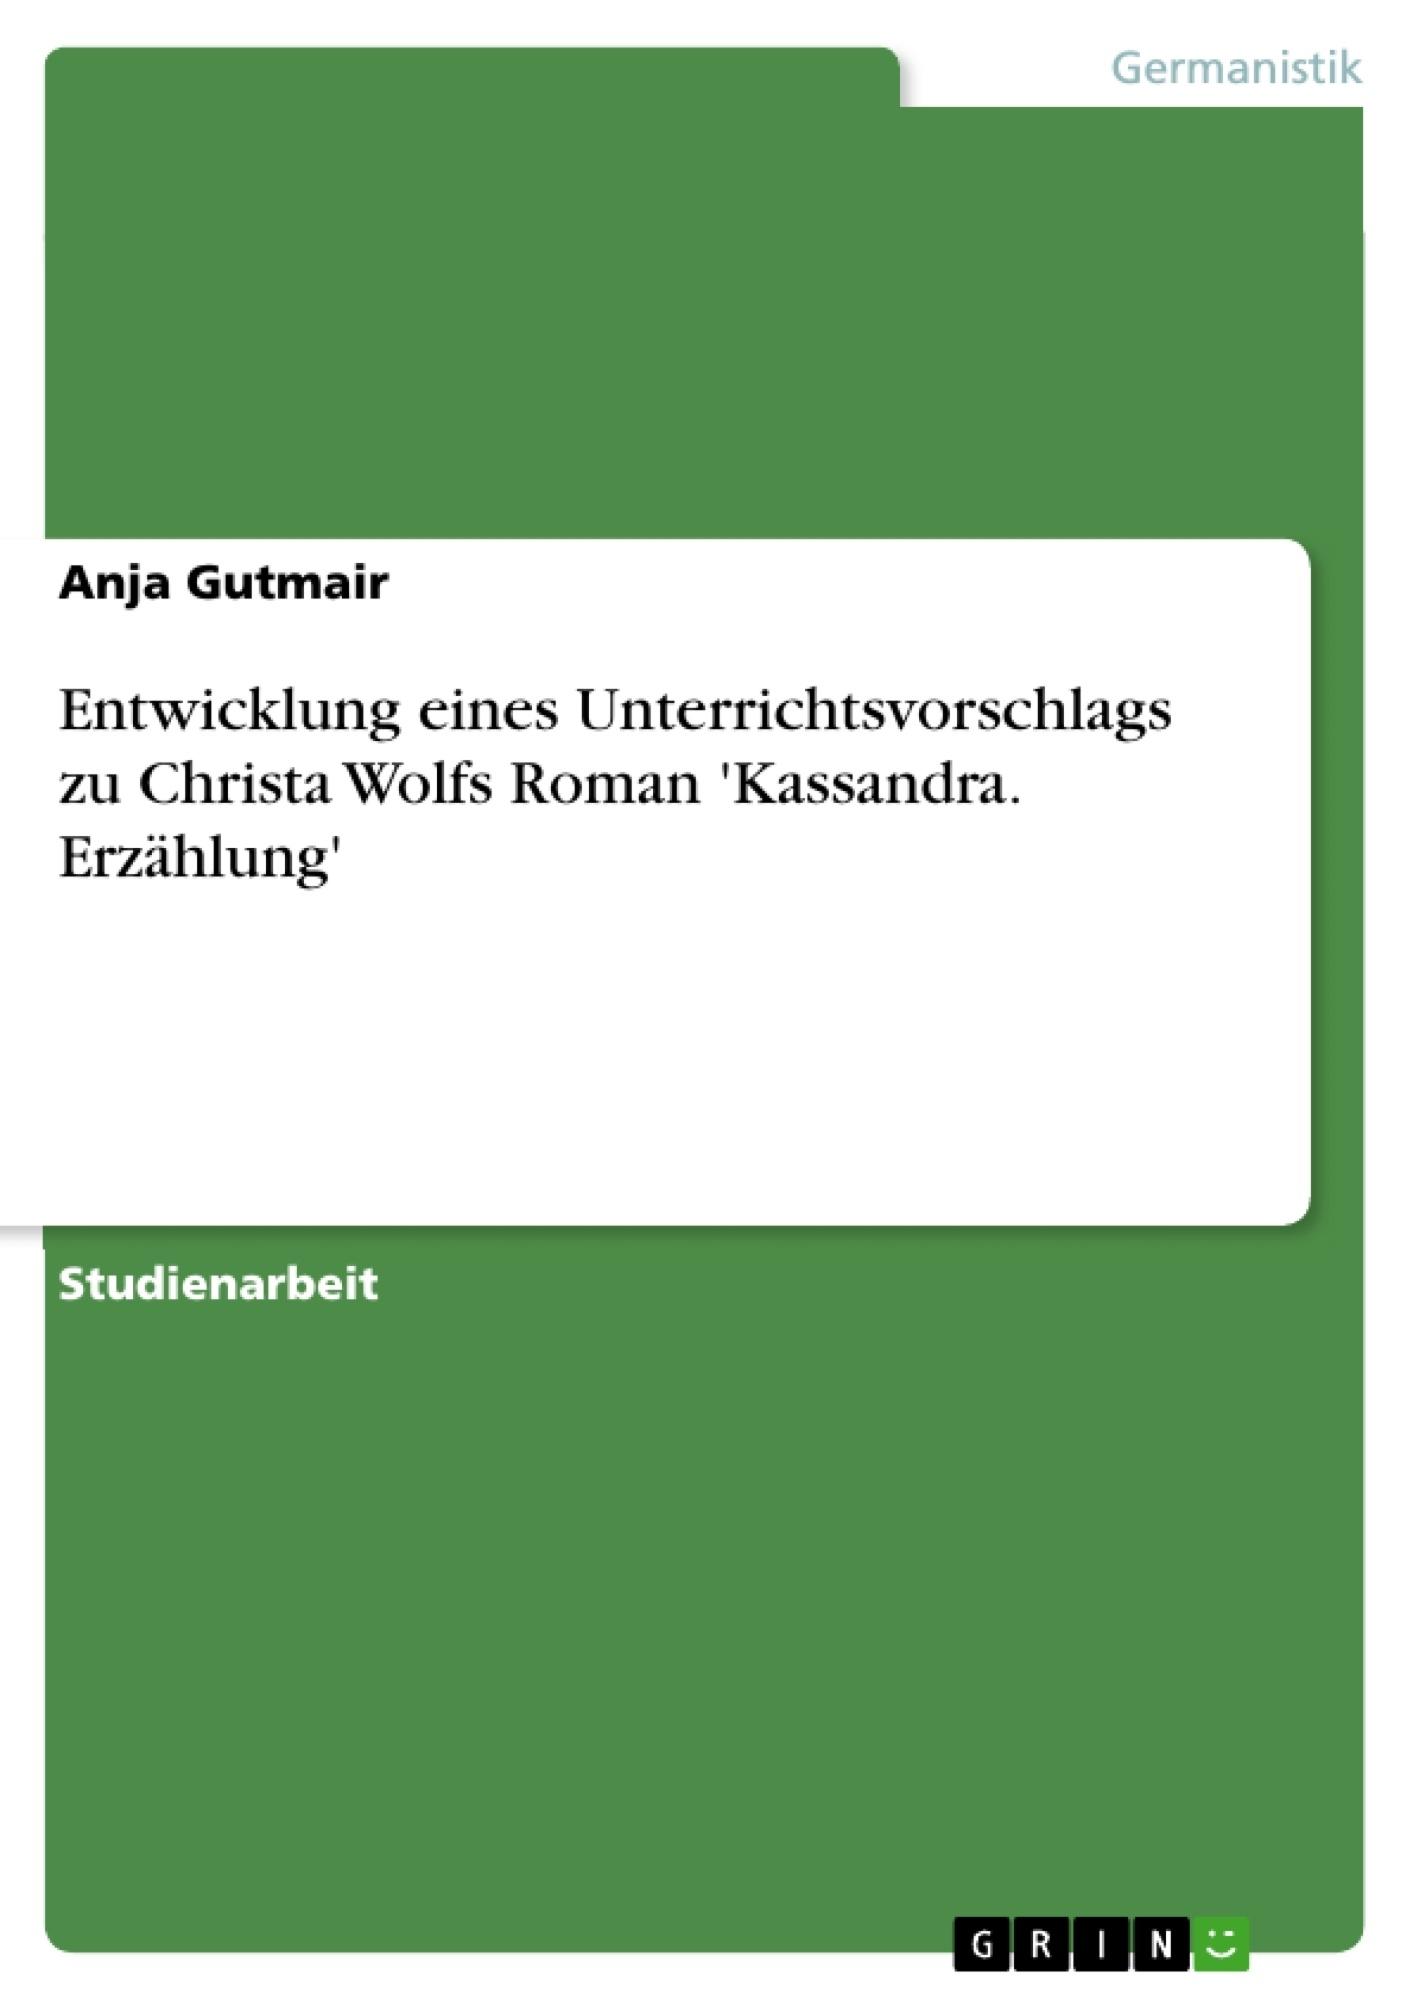 Titel: Entwicklung eines Unterrichtsvorschlags zu Christa Wolfs Roman 'Kassandra. Erzählung'